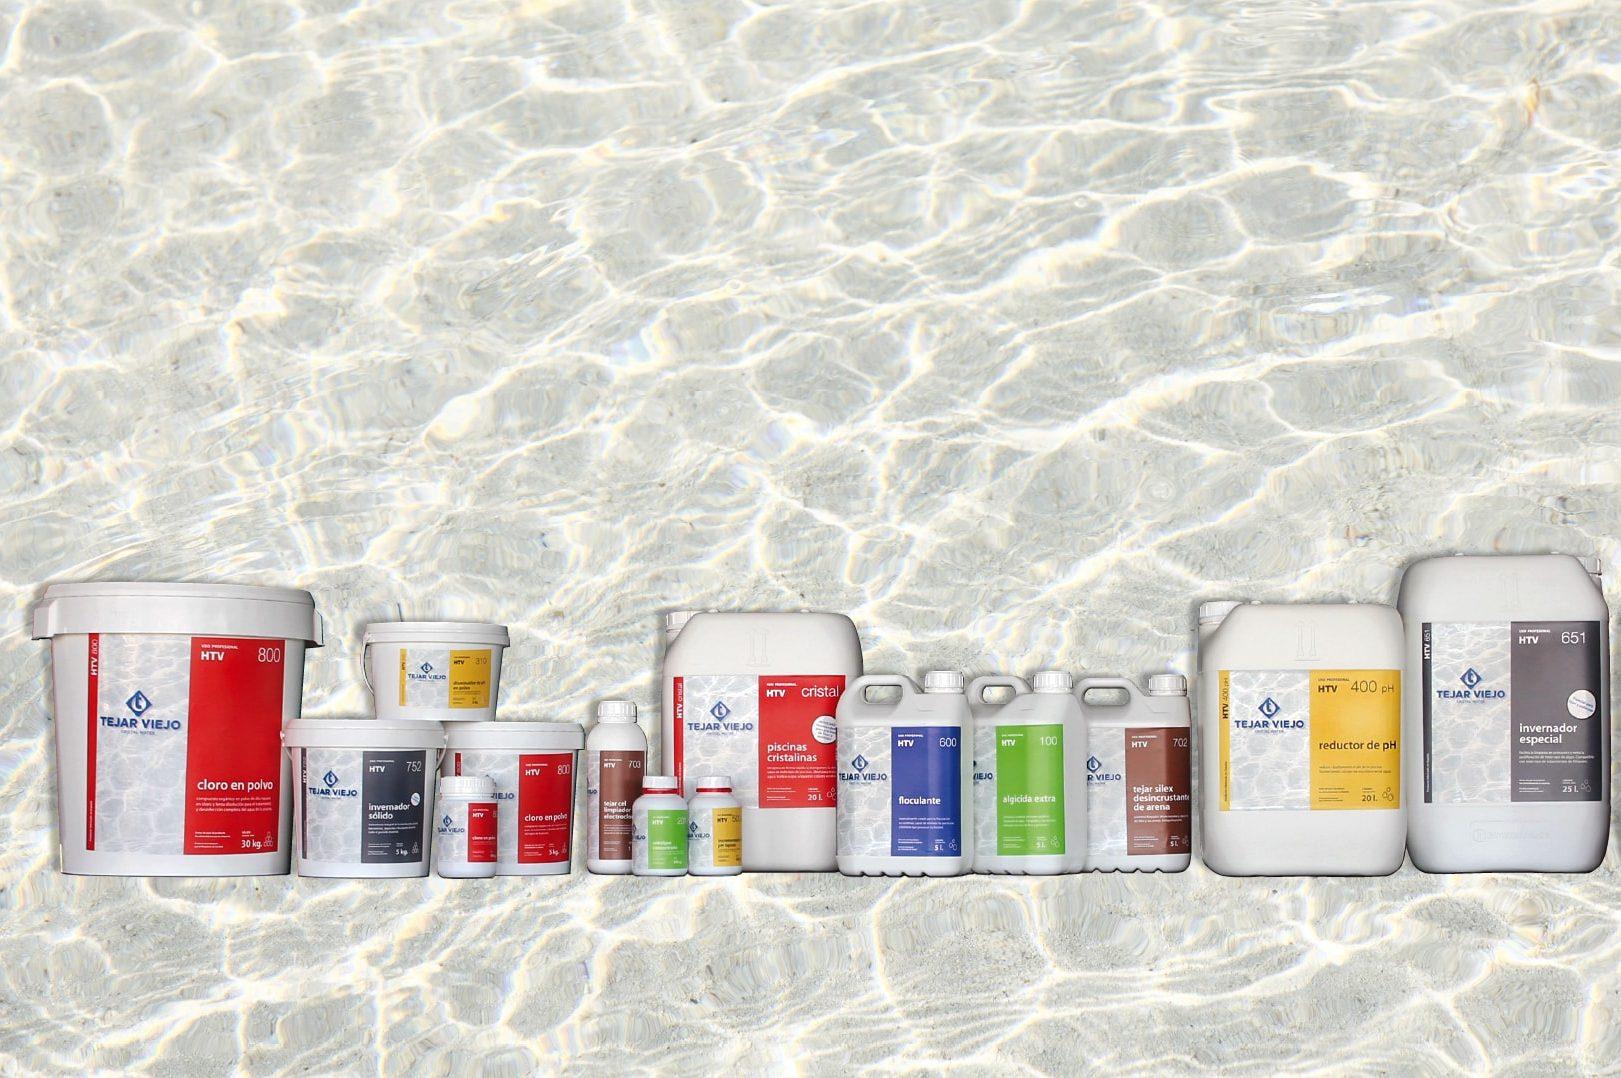 Producte químic per a piscines